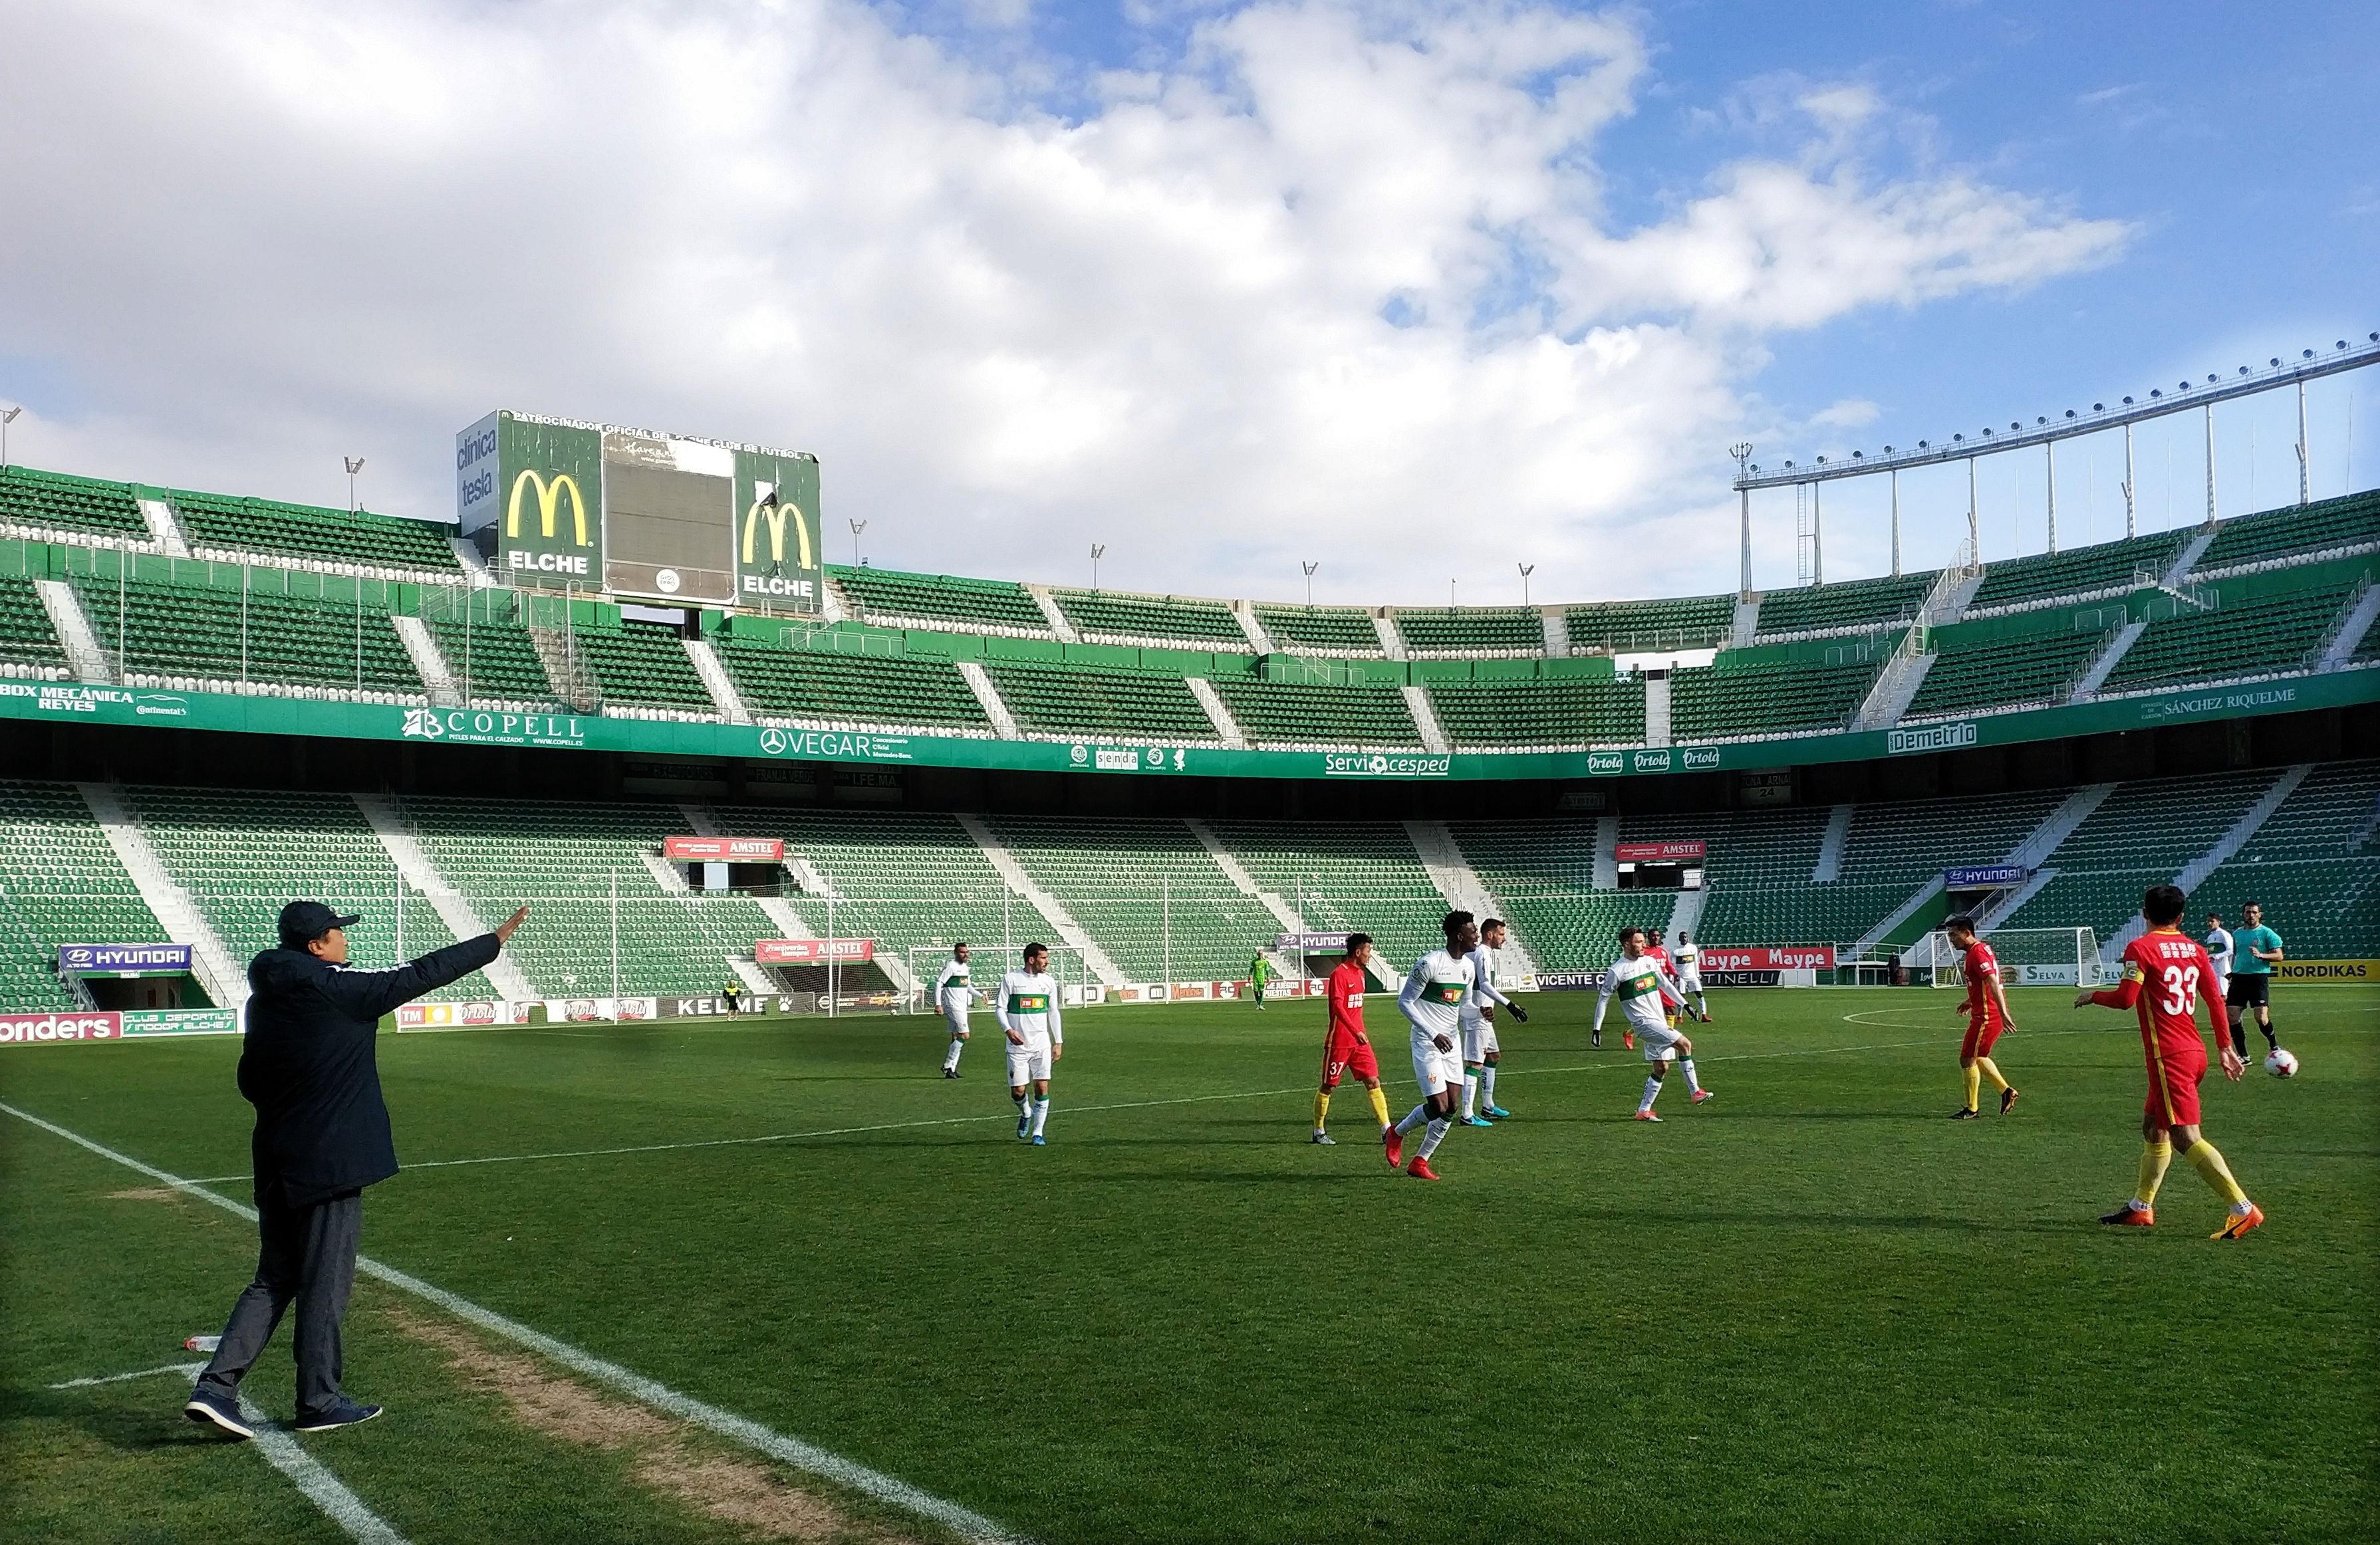 西班牙拉练 | 杜震宇梅开二度 亚泰4比0胜西乙埃尔切